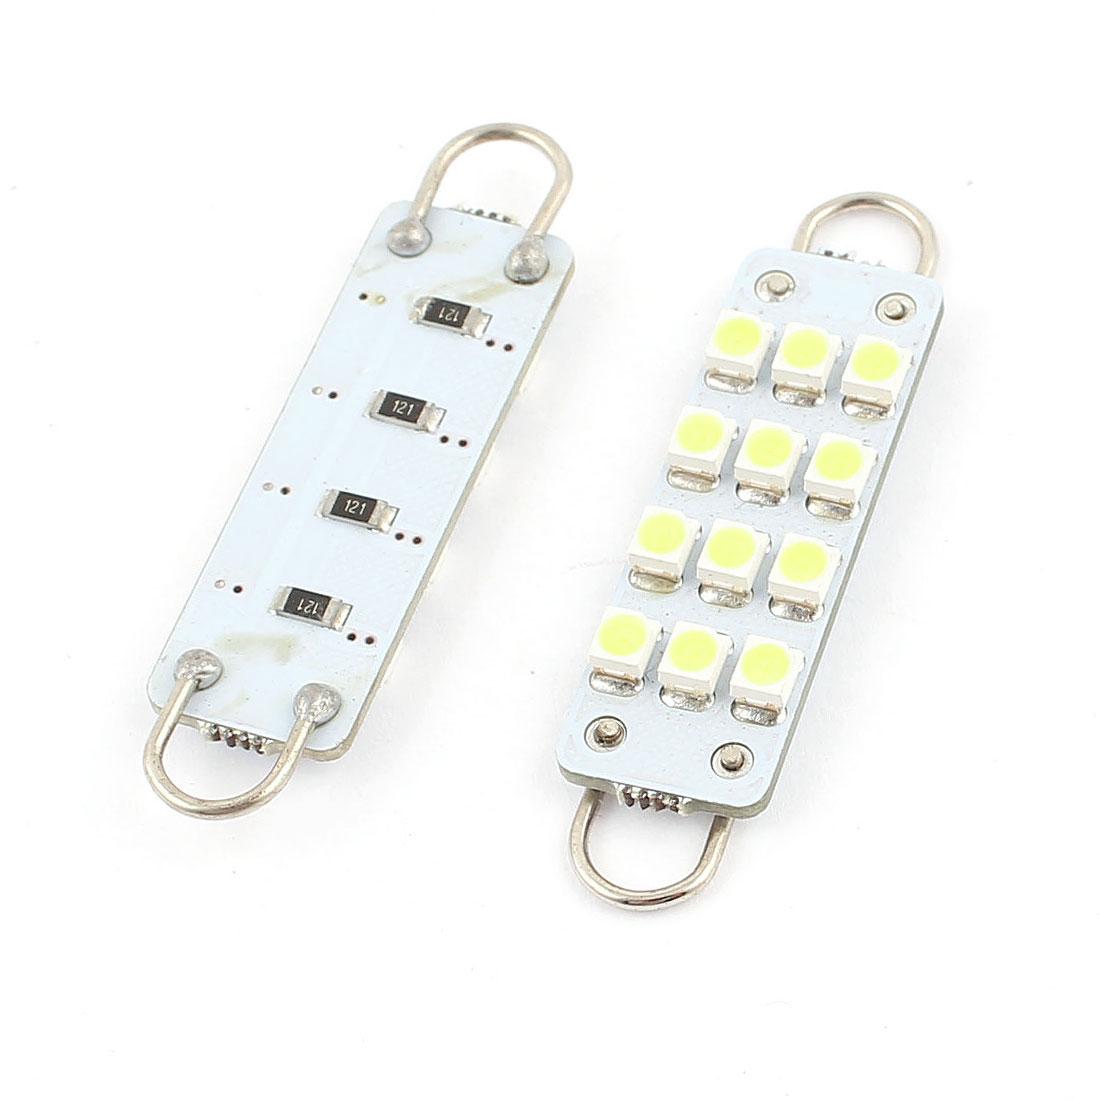 """2PCS 44mm 1.7""""""""1210 12 SMD Blanc Feston Lumière de LED 12844 intérieur - image 1 de 1"""